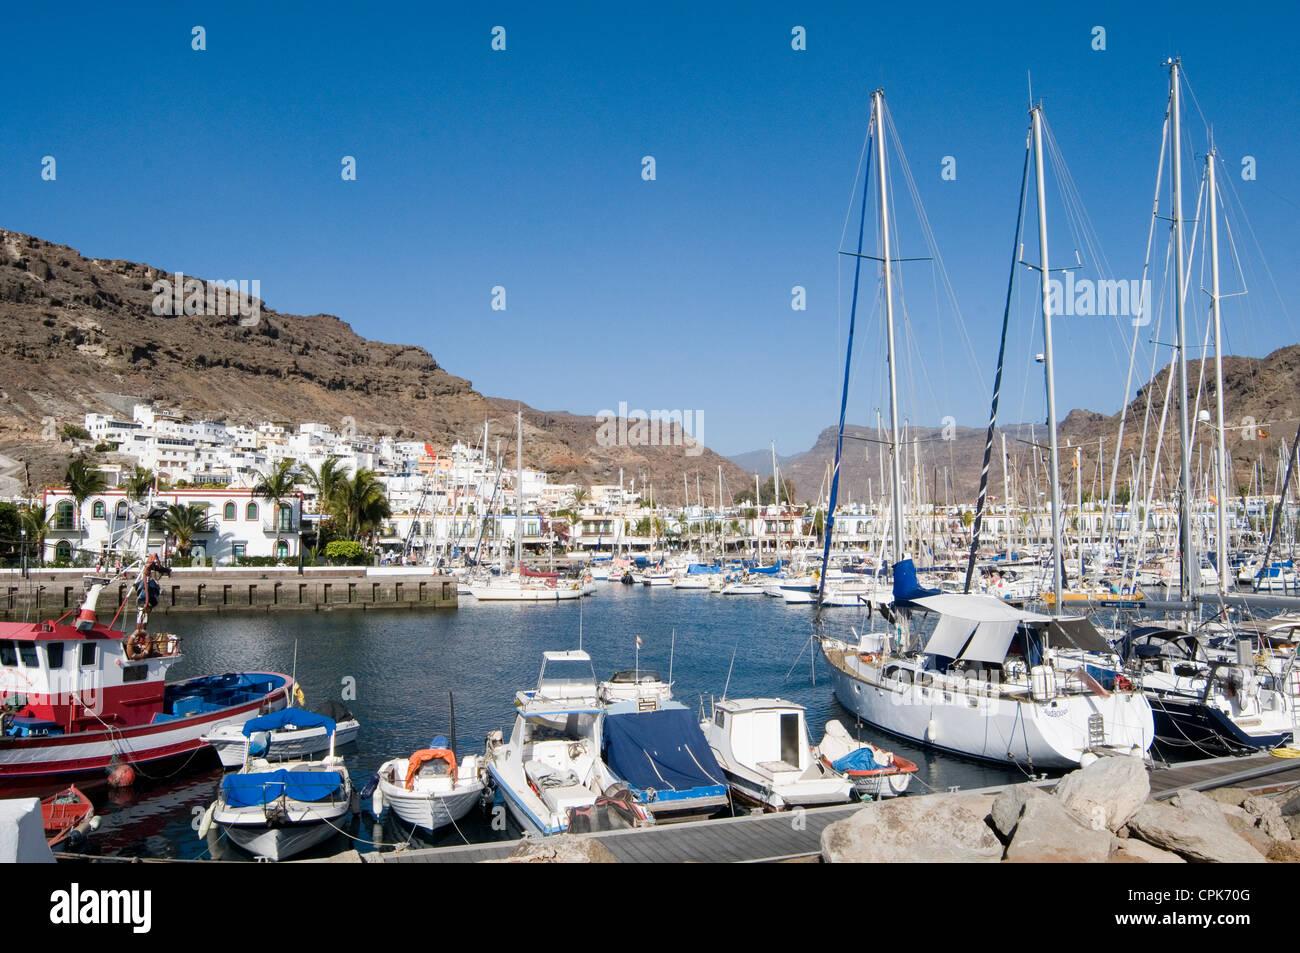 Puerto de Mogan Gran Canaria Kanaren Marina Hafen Hafen Boote Boot Stockbild